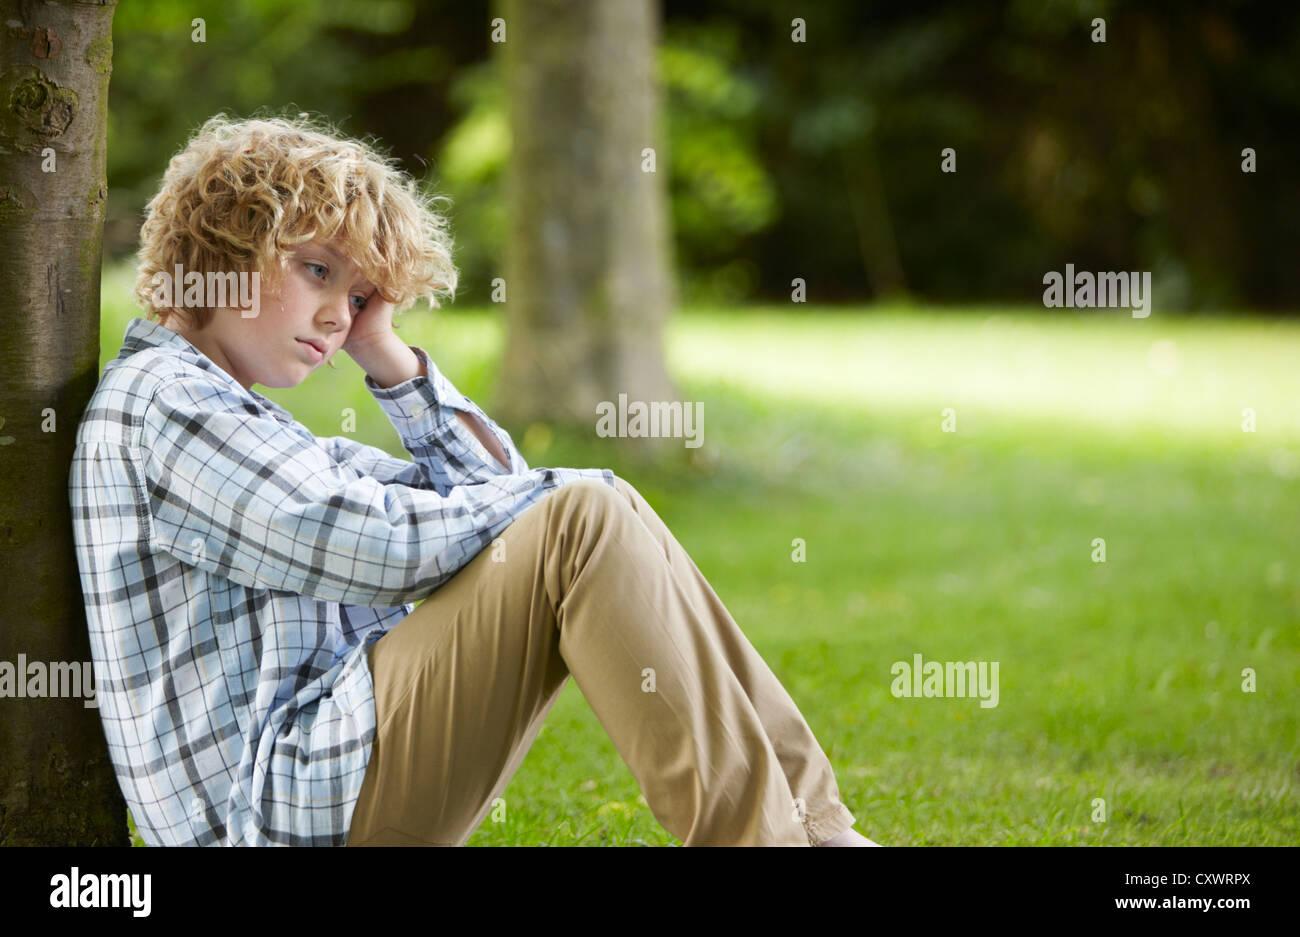 Triste cerca ragazzo appoggiata ad albero Immagini Stock